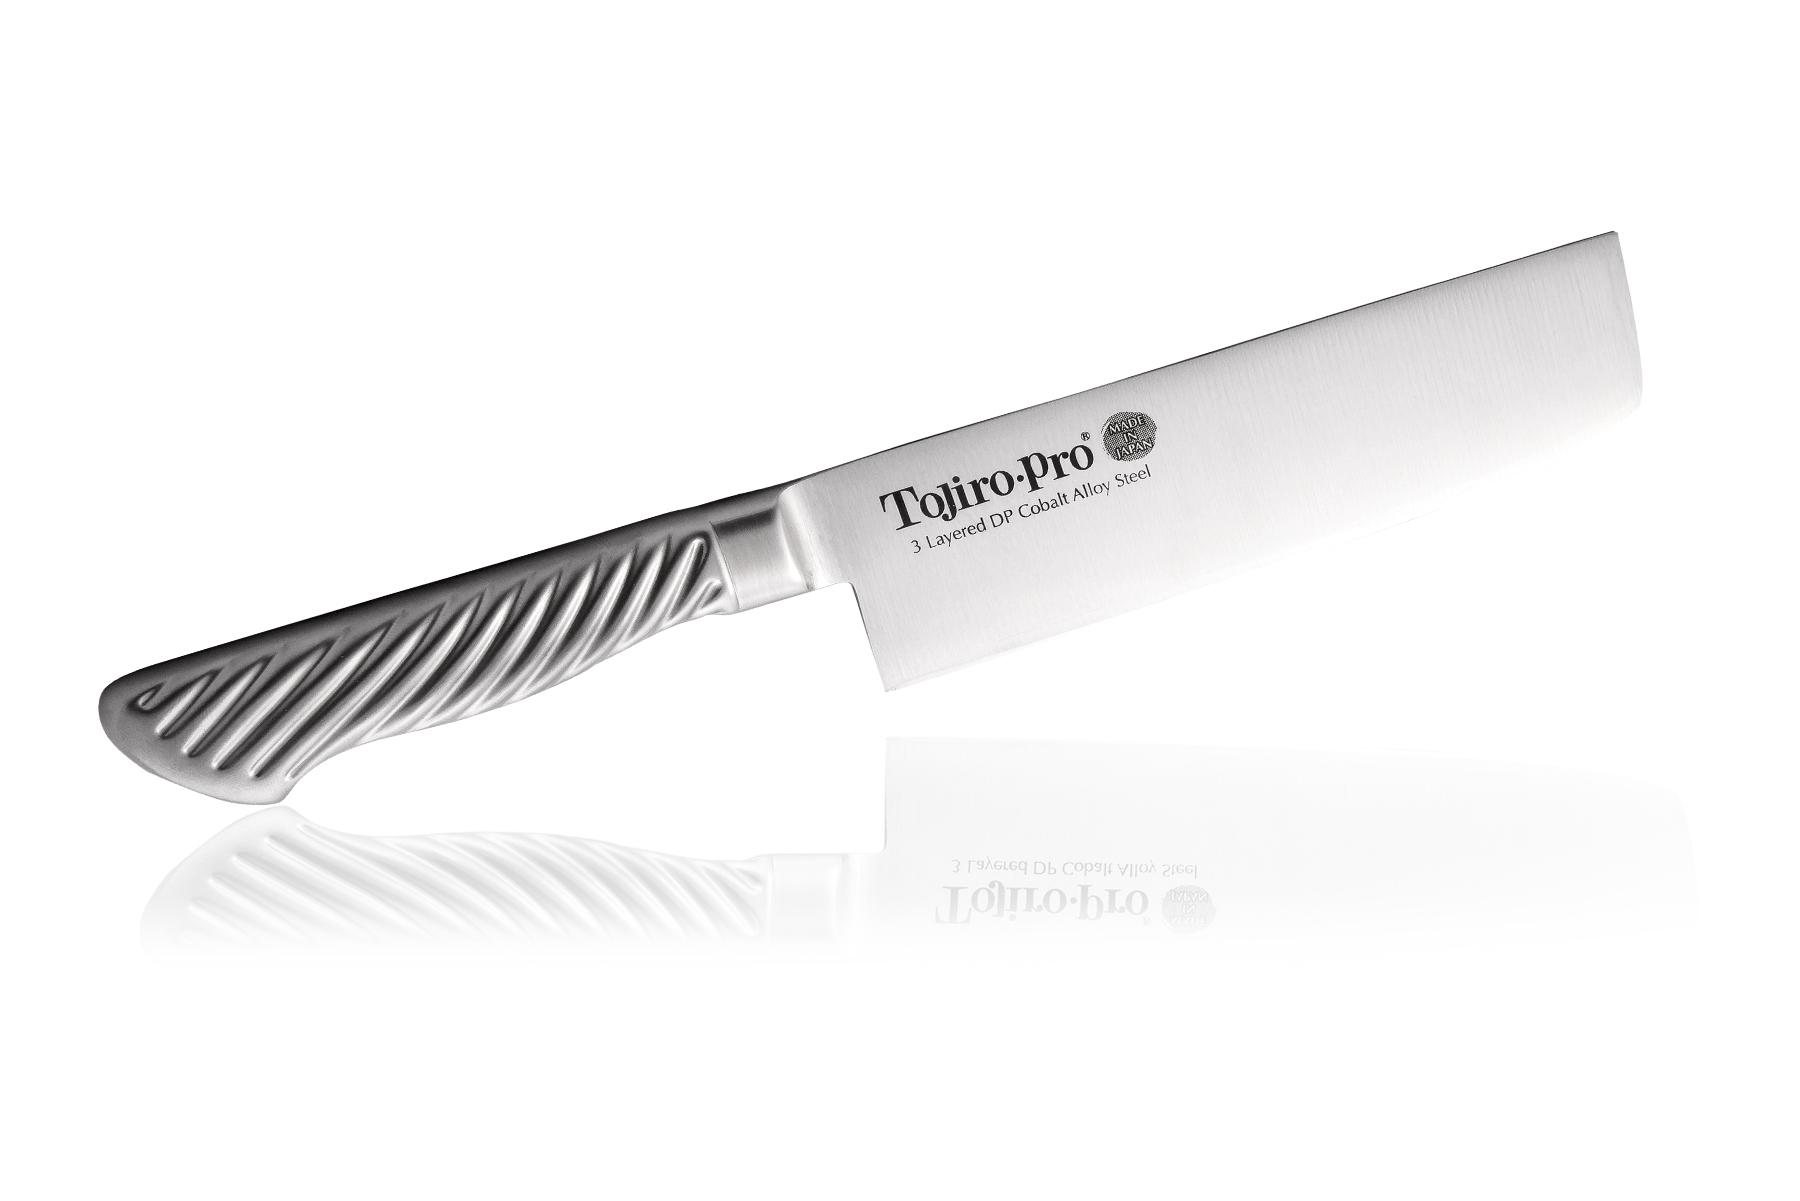 Нож кухонный стальной Накири (165мм) Tojiro PRO F-894Tojiro PRO Series<br>Нож кухонный стальной Накири (165мм) Tojiro PRO F-894<br><br>Самая популярная среди профессионалов серия ножей Tojiro Pro. Клинок изготовлен по трехслойной технологии, как знаменитые катаны. Сердцевина клинка - твердая и прочная - обеспечивает остроту и износостойкость, покрыта обкладками из более пластичной нержавеющей стали, которые не позволяют клинку сломаться.<br>Рукоятка ножей серии Tojiro Pro покрыта специальным микропокрытием, которое не позволяет ножу выскользнуть, даже если вы работаете по локоть в масле, а если вы забыли сразу помыть свой нож, антибактериальное покрытие не даст развиваться на его поверхности болезнетворным бактериям.<br>Официальный сертифицированный продавец TOJIRO<br>